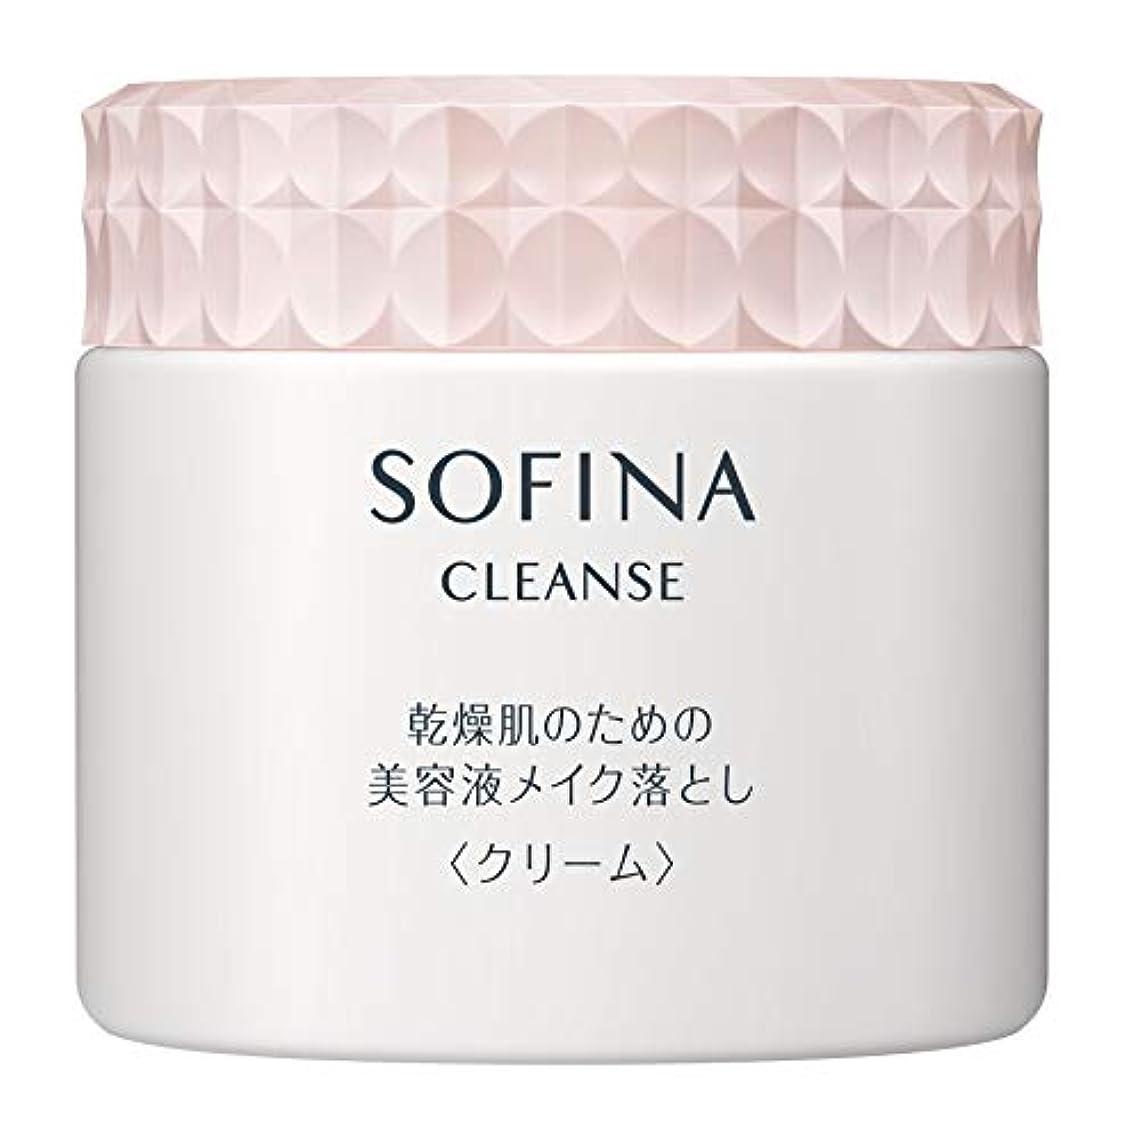 無法者ペパーミント排泄するソフィーナ 乾燥肌のための美容液メイク落とし クリーム 200g